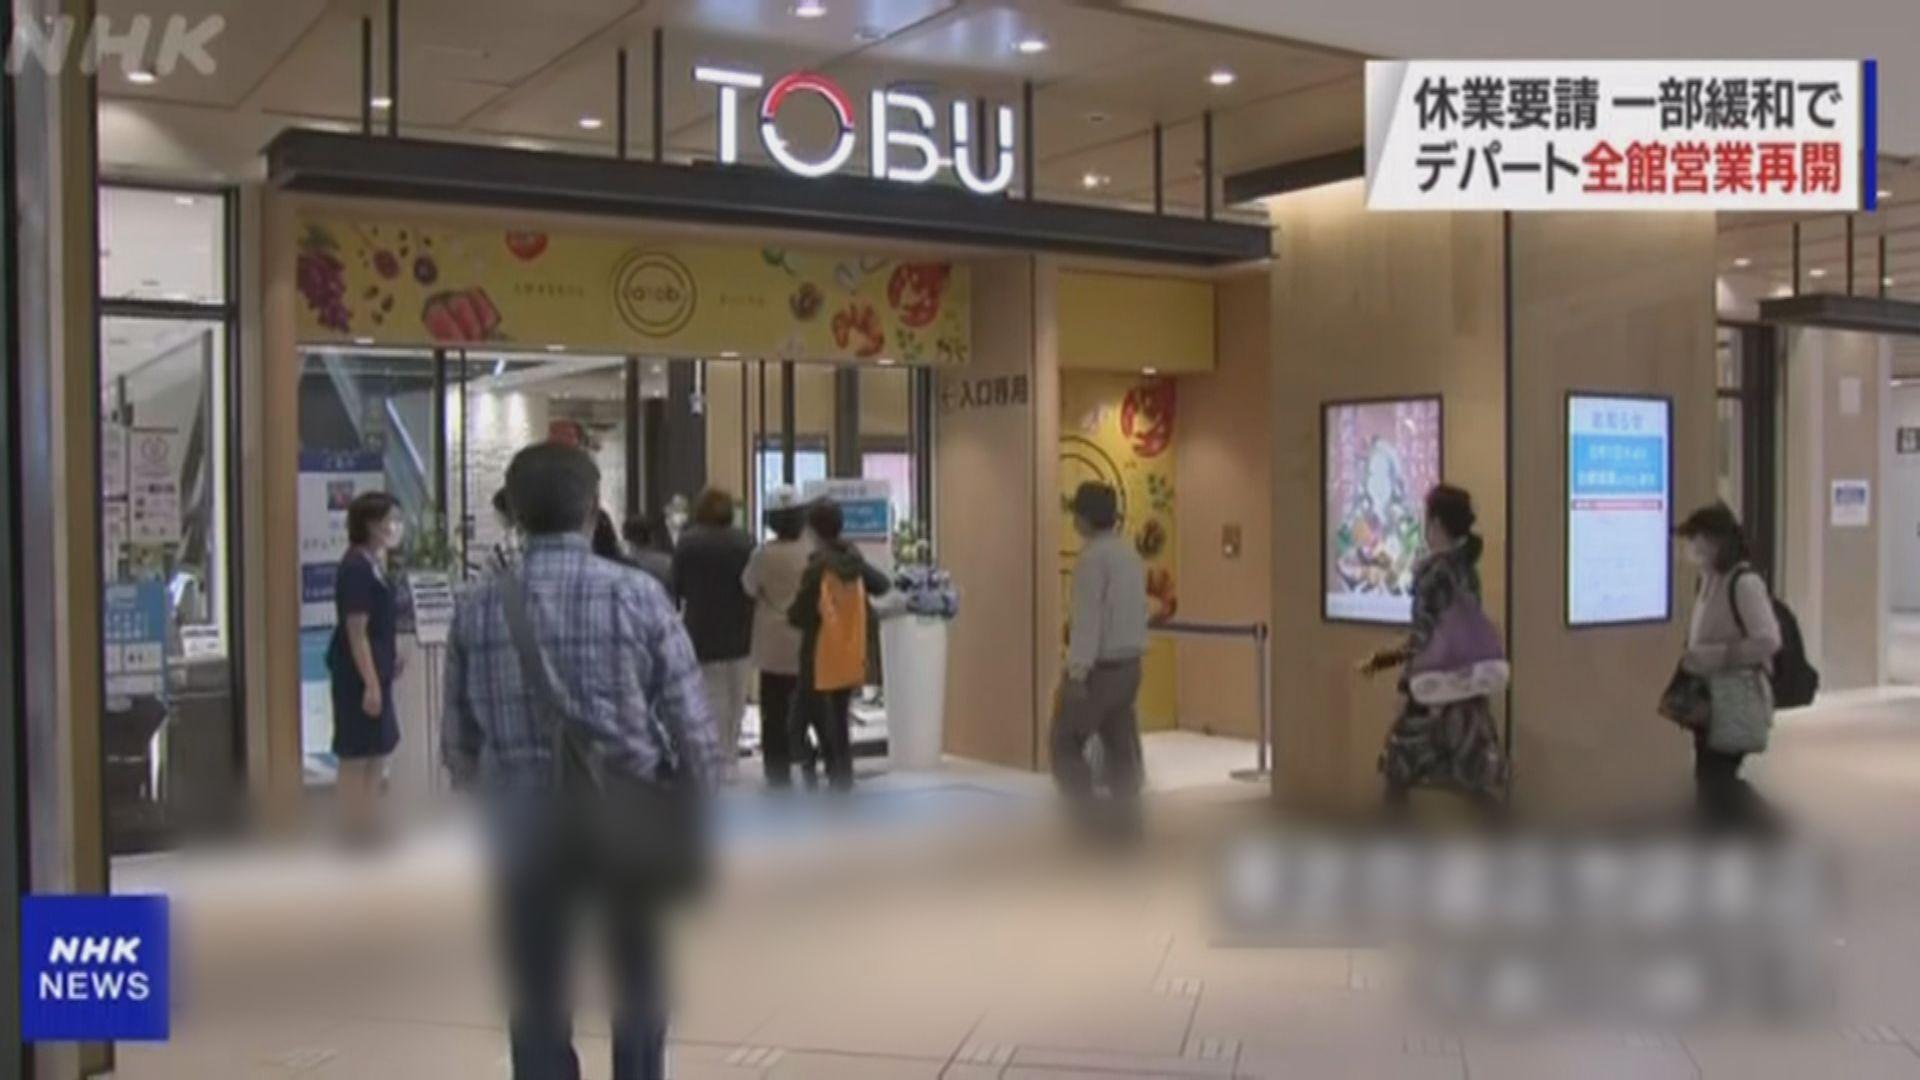 東京和大阪百貨公司獲放寬營業限制